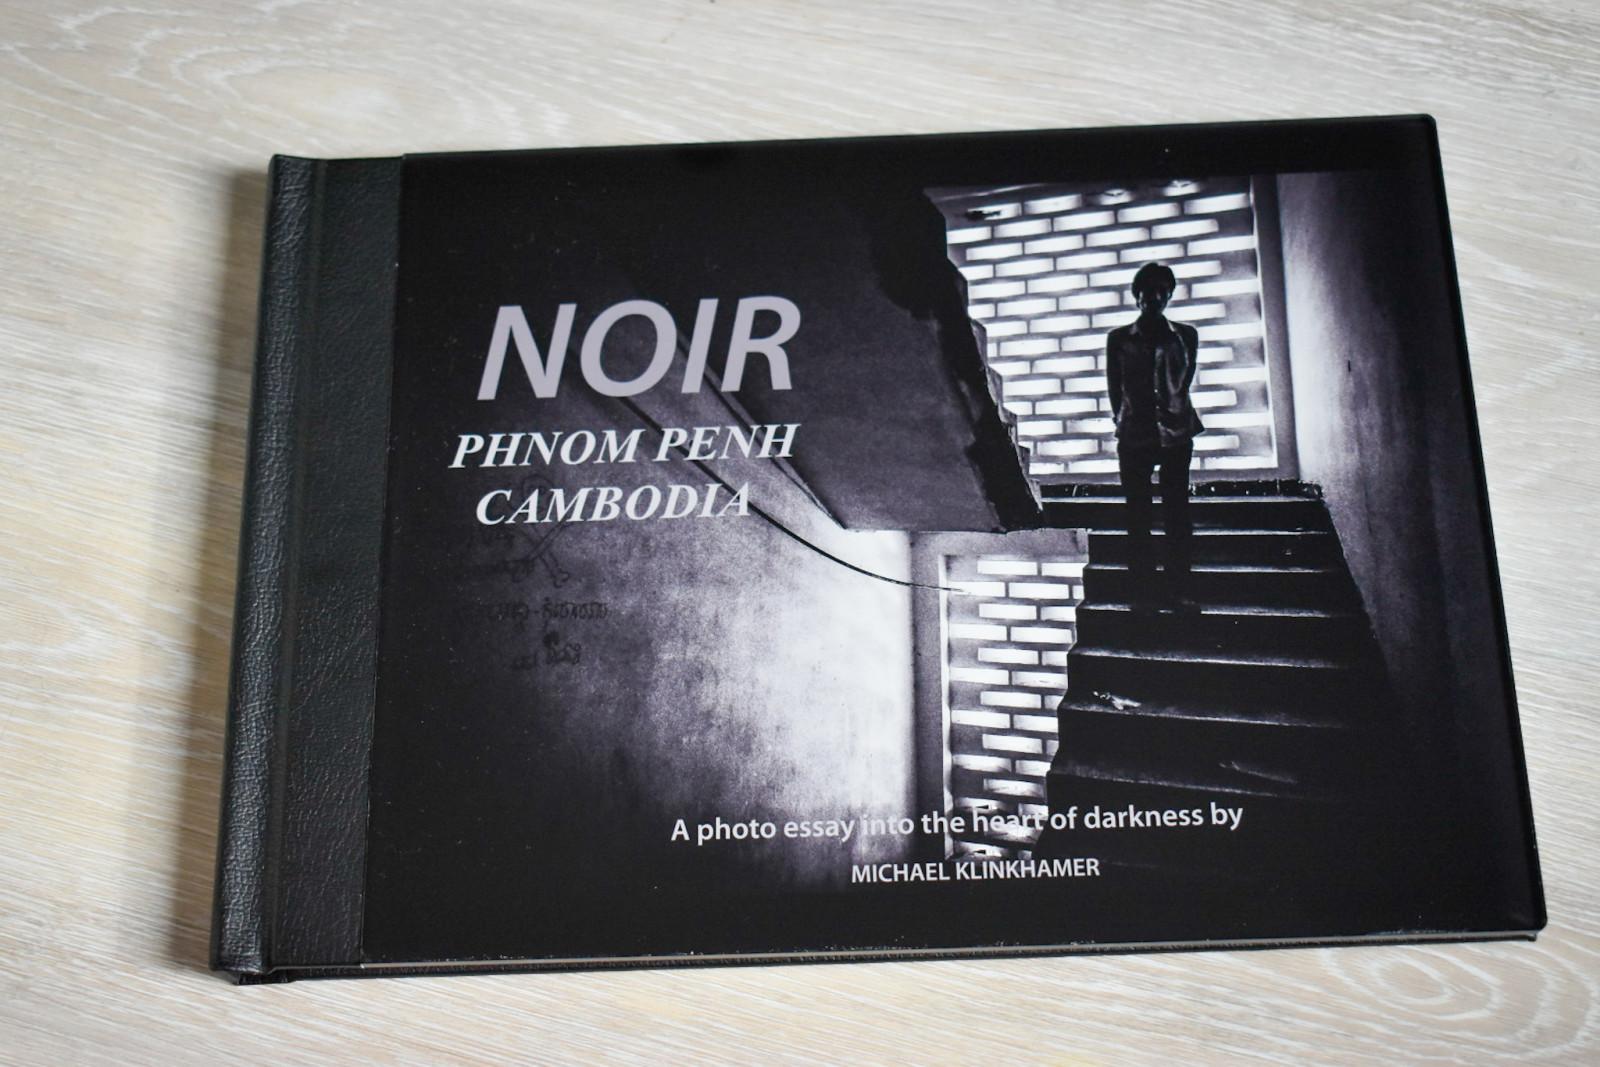 saal-digitaal-klinkhamer-noir-cover